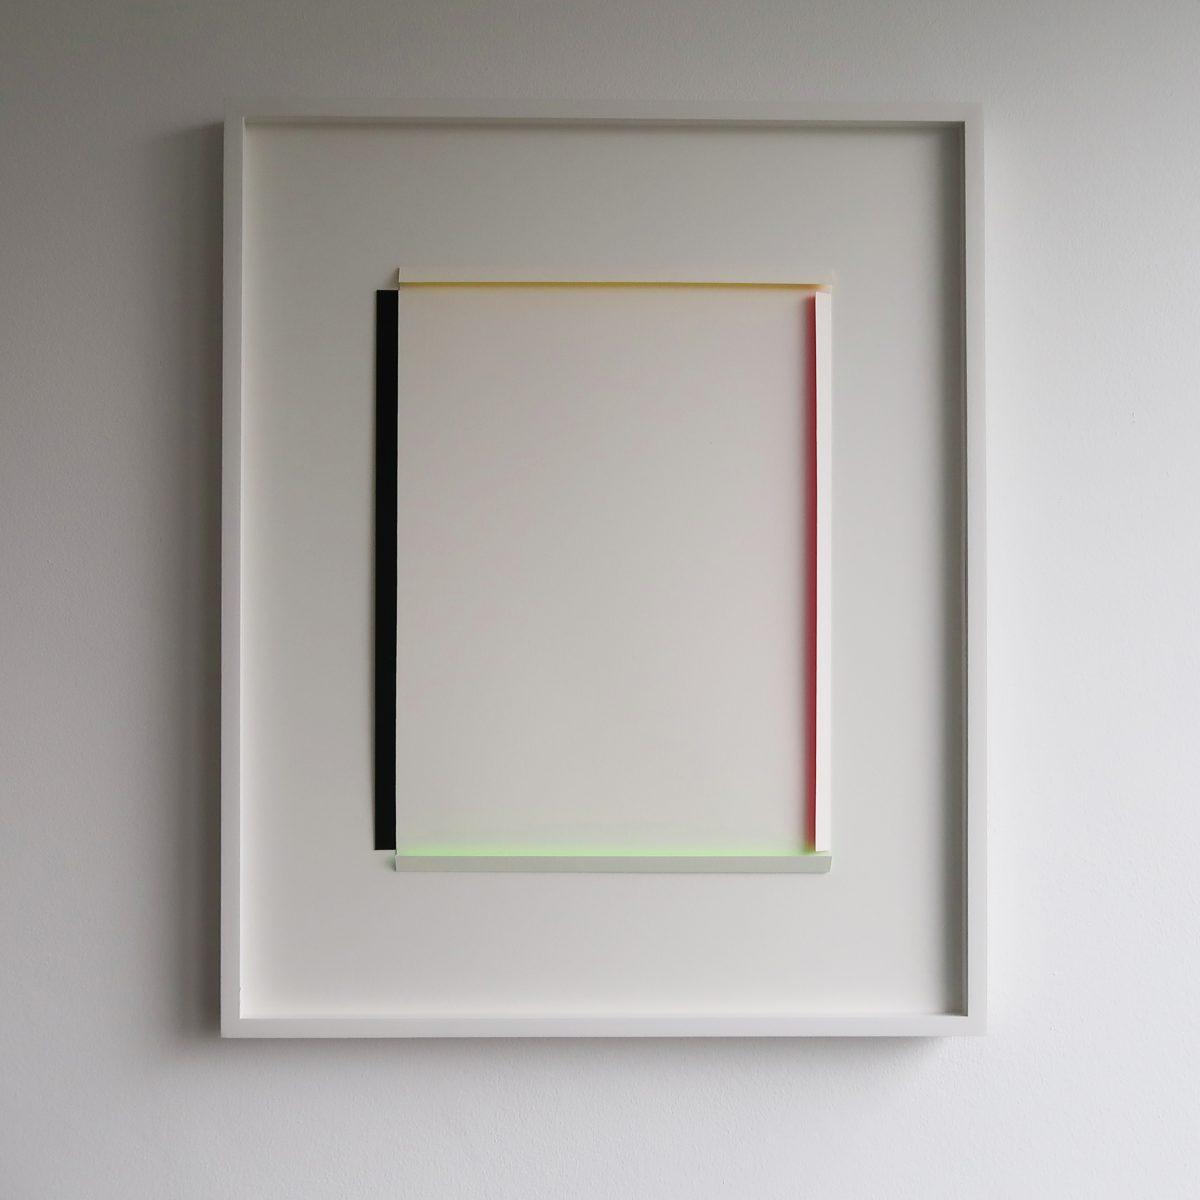 Jeanine Cohen, 3 Folds n° l, 2017